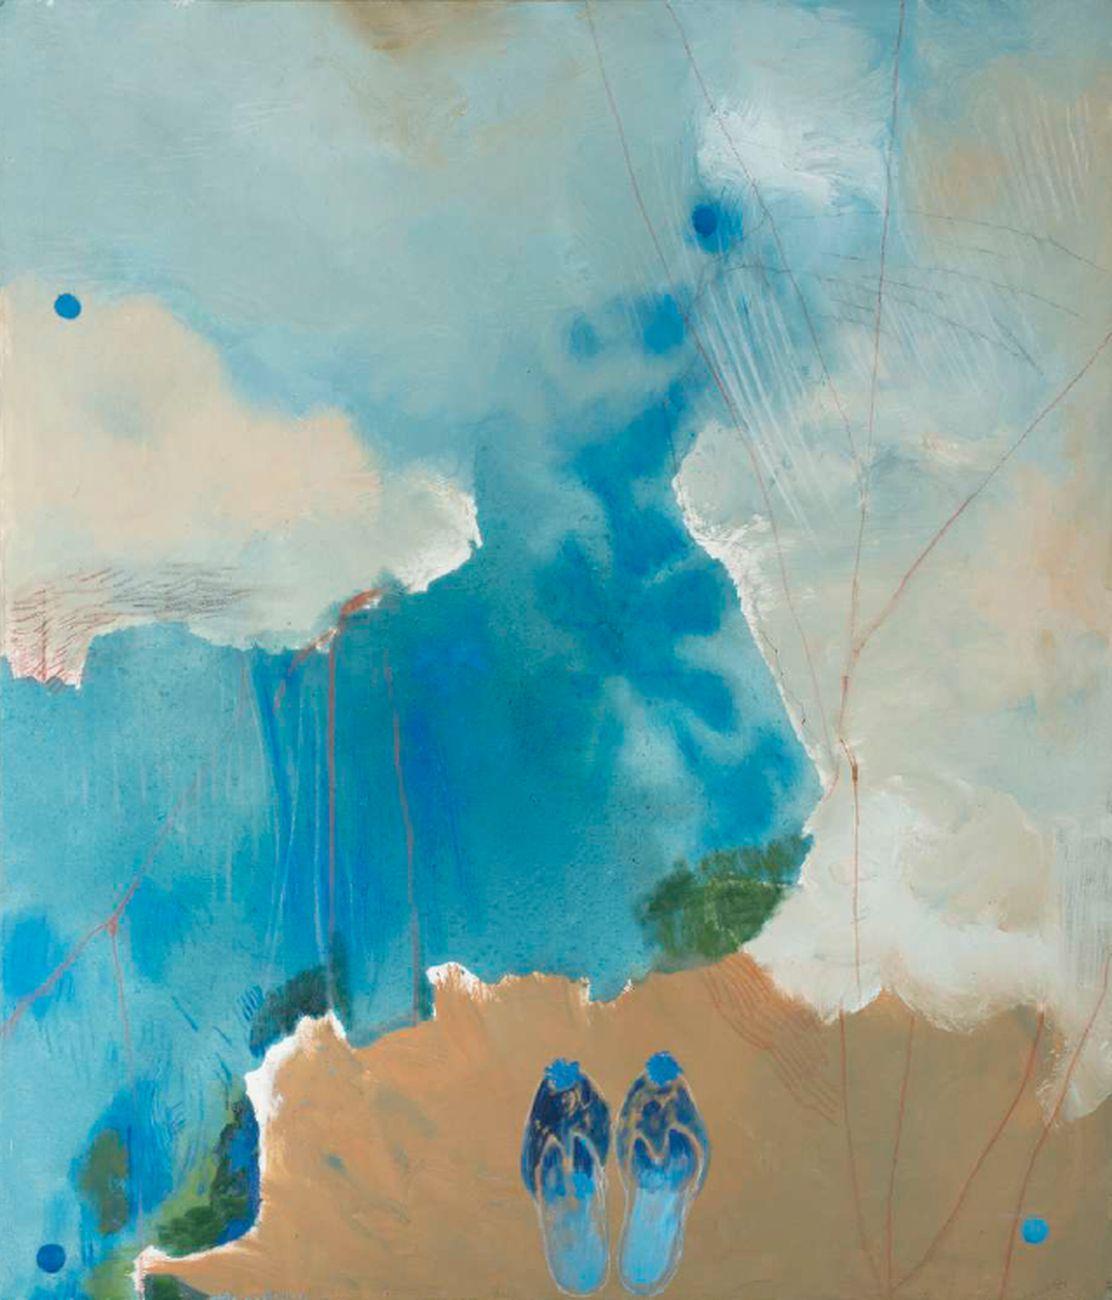 Elisa Montessori, Le pantofole di Paribanu (dalle Mille e una Notte), 2000, olio su tela, 120 x 140 cm. Courtesy l'artista & Monitor, Roma Lisbona